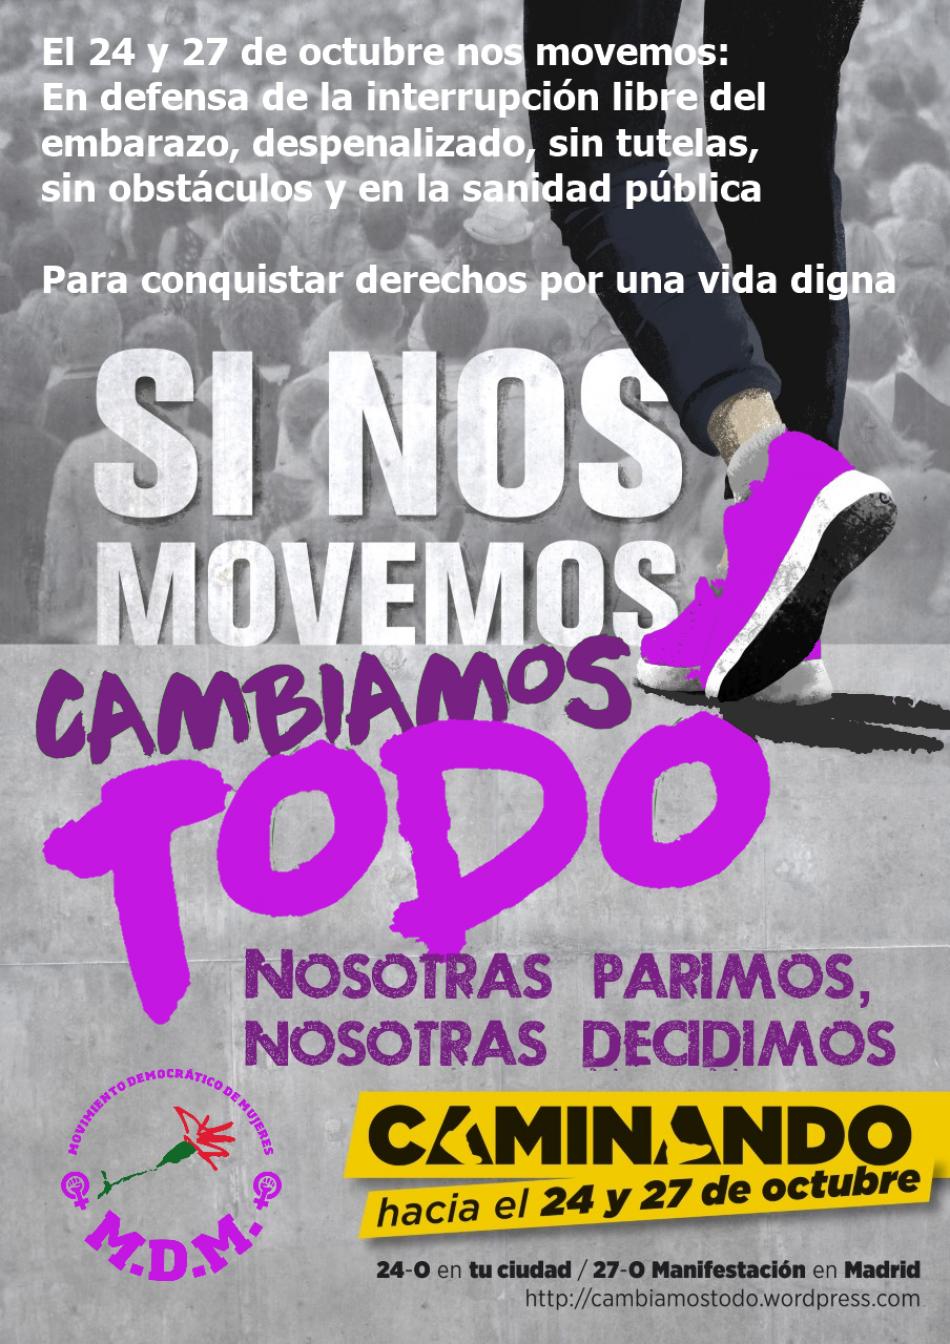 «Caminando hacia el 24 y 27 de octubre: si nosotras nos movemos, cambiamos el mundo»